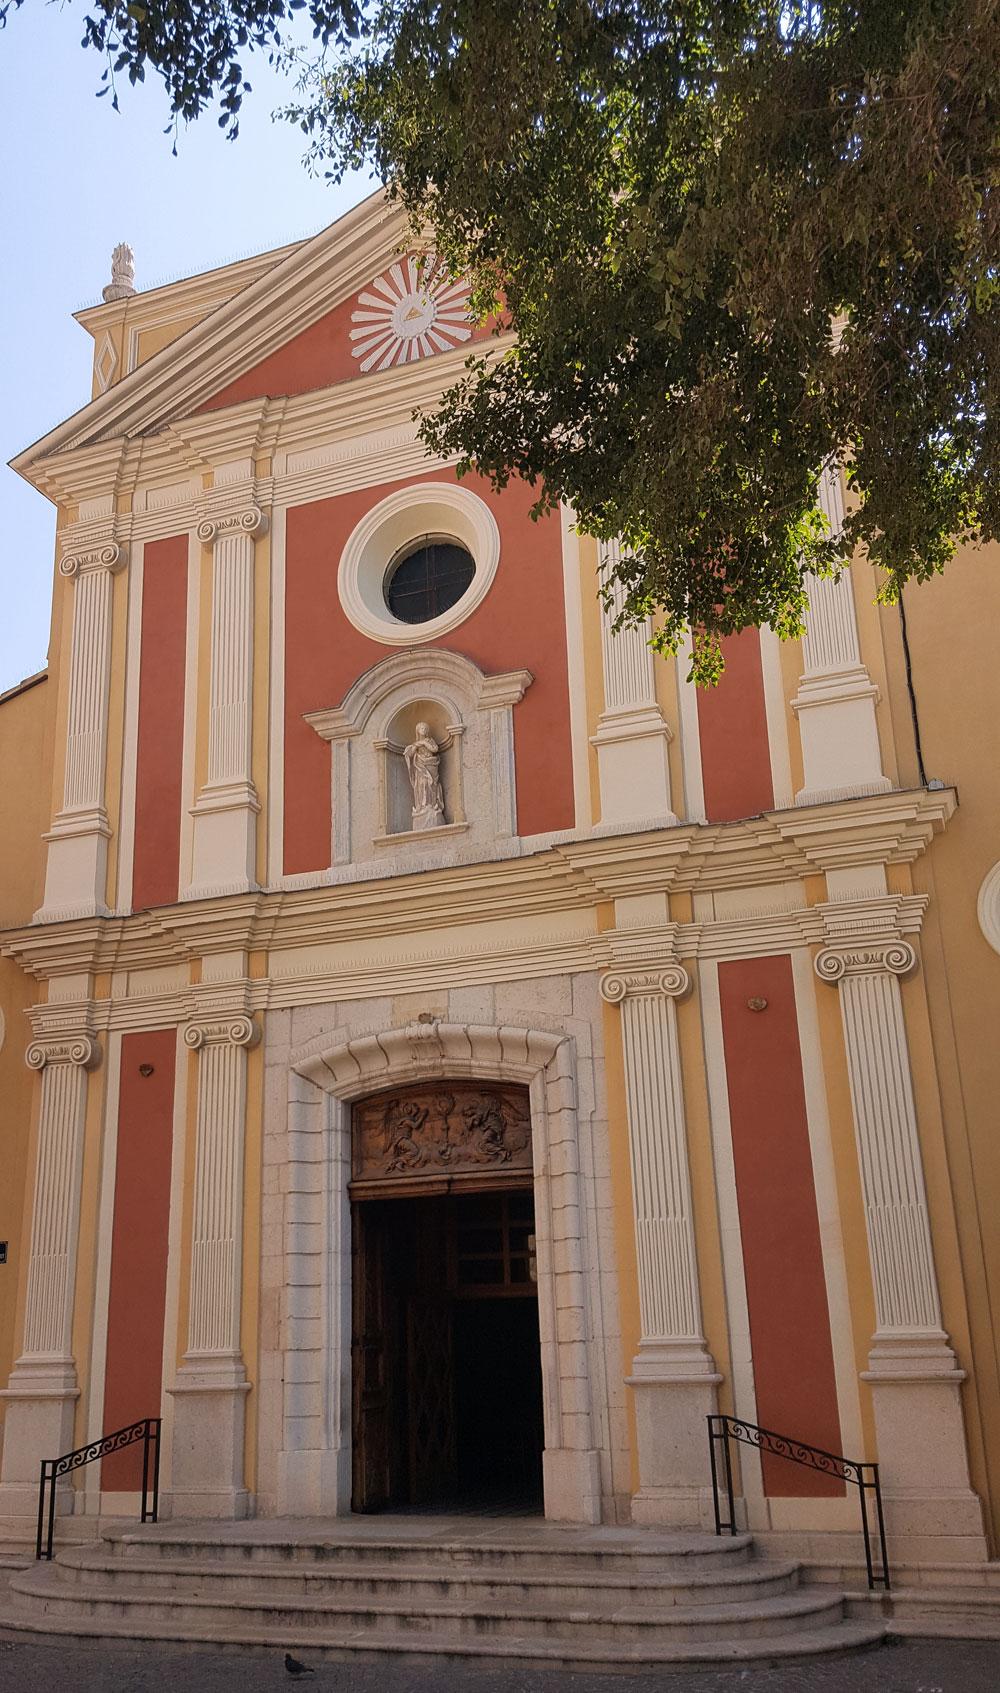 Das Picasso-Museum liegt direkt neben der Kathedrale